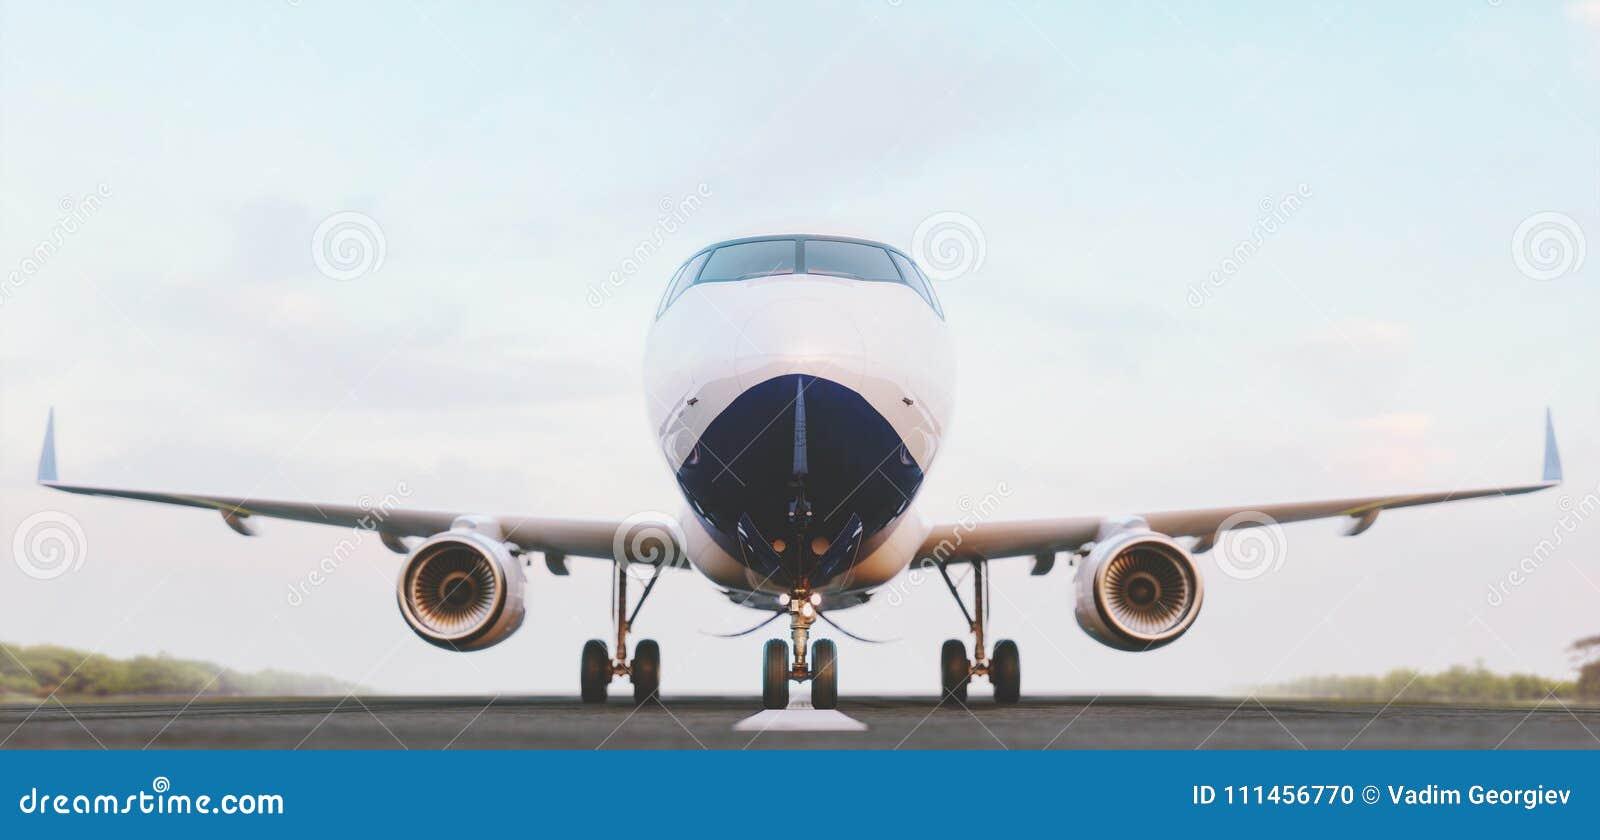 Avion commercial blanc se tenant sur la piste d aéroport au coucher du soleil La vue de face de l avion de passager décolle